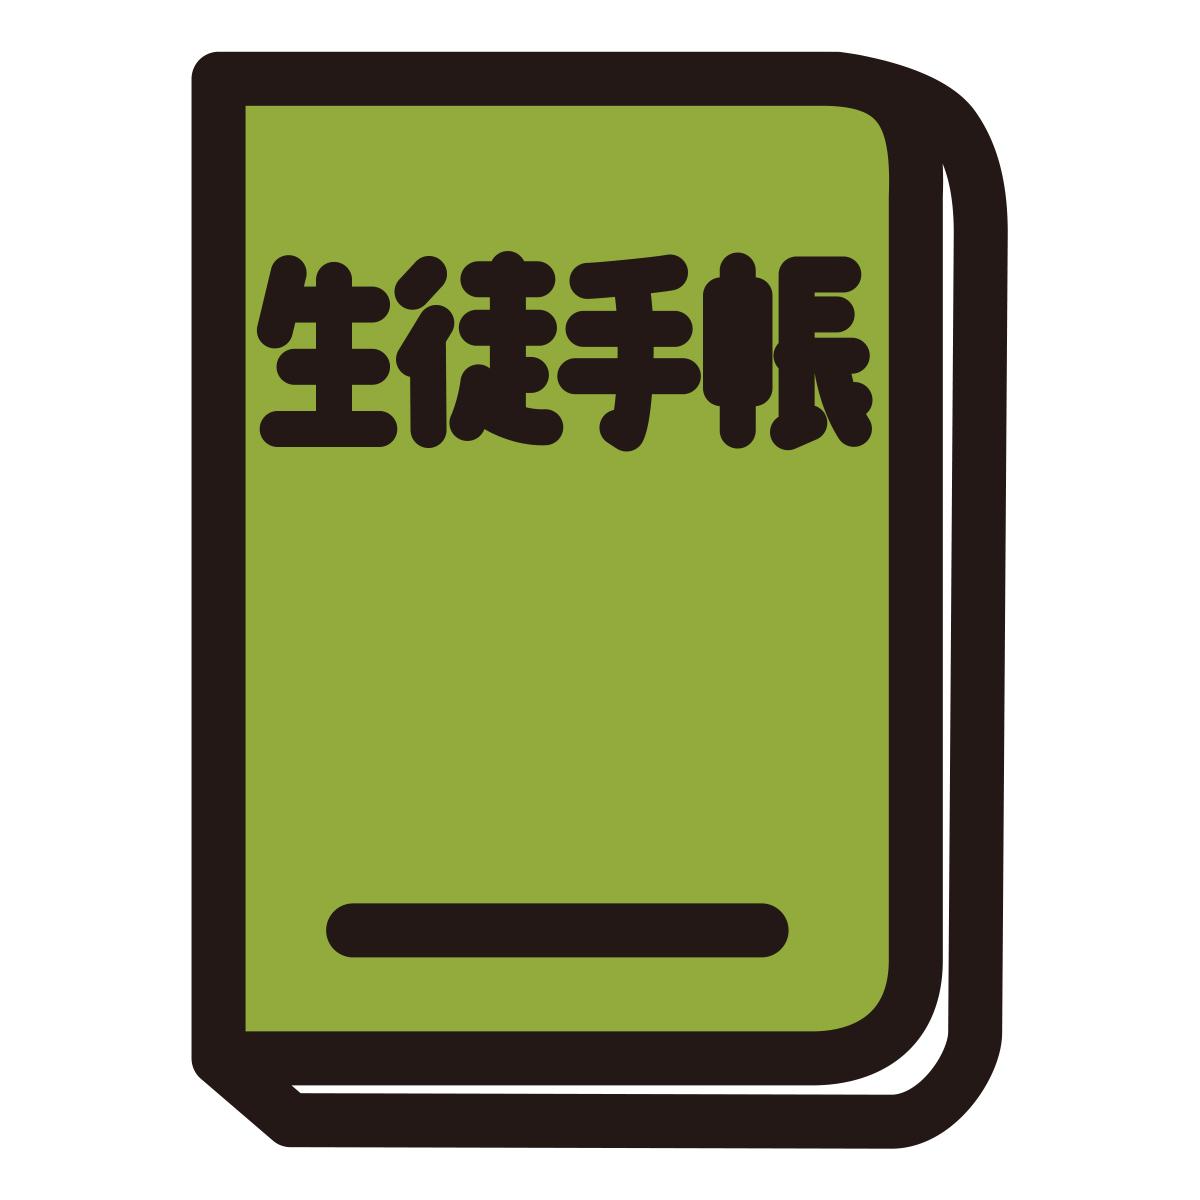 f:id:kininarusuzu:20210214110537j:plain